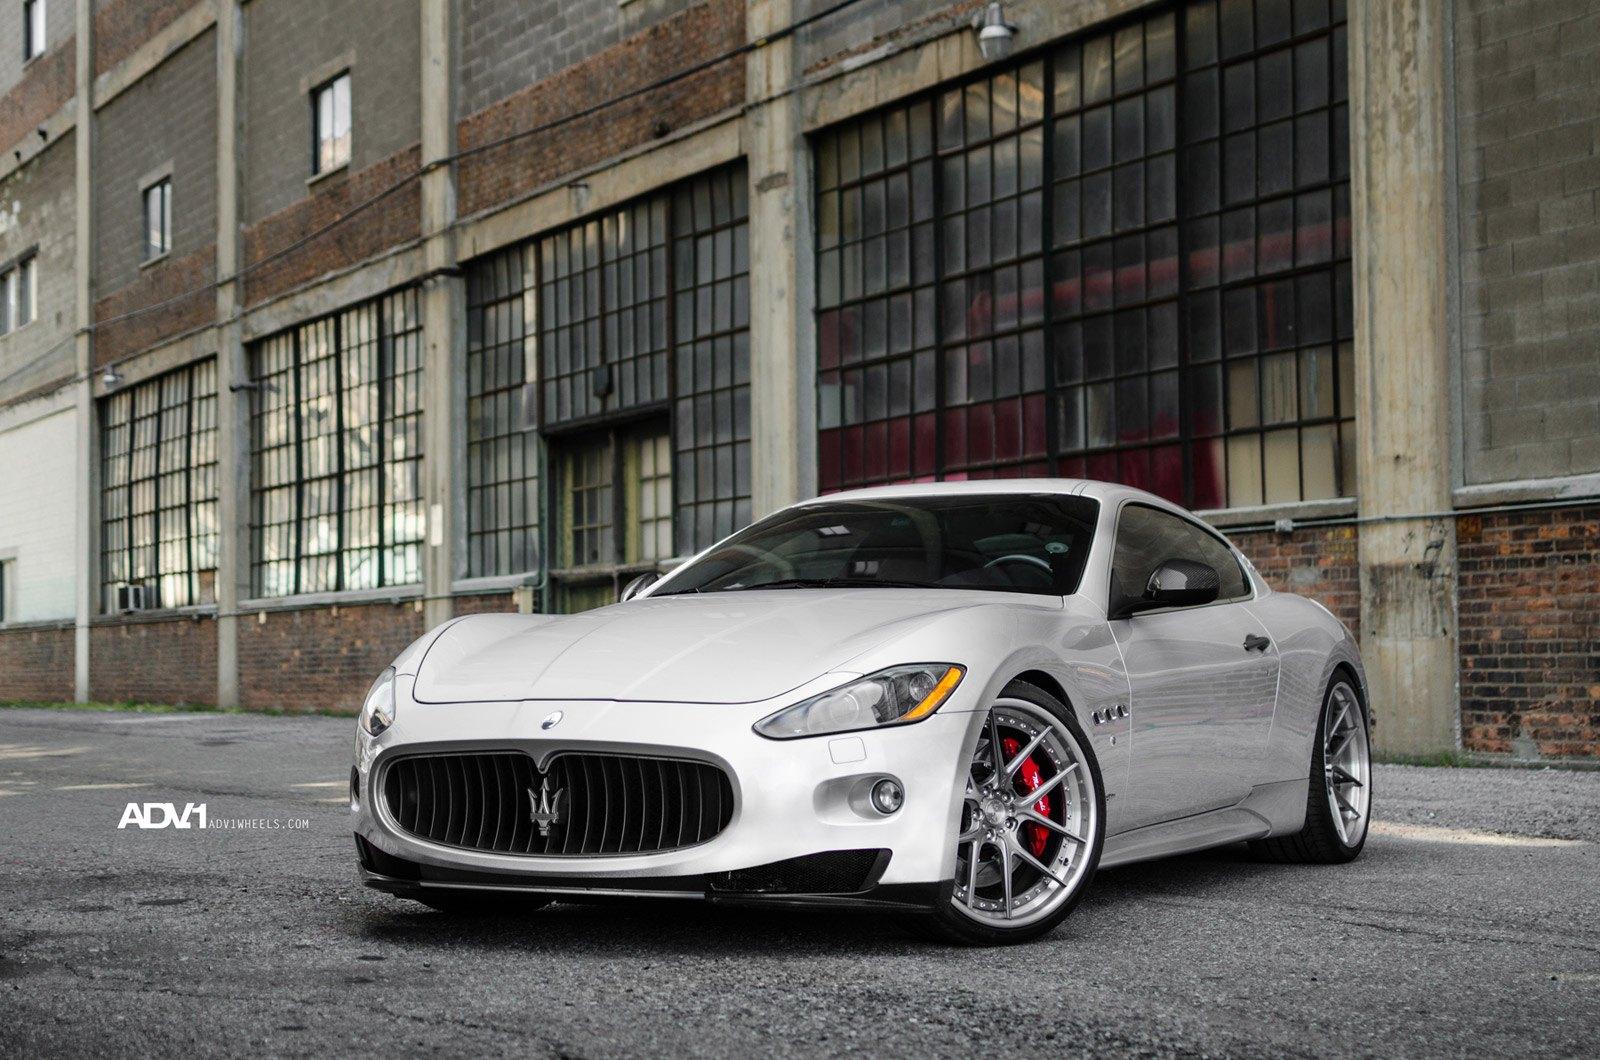 Custom Front Lip On Gray Maserati Granturismo Photo By Adv 1